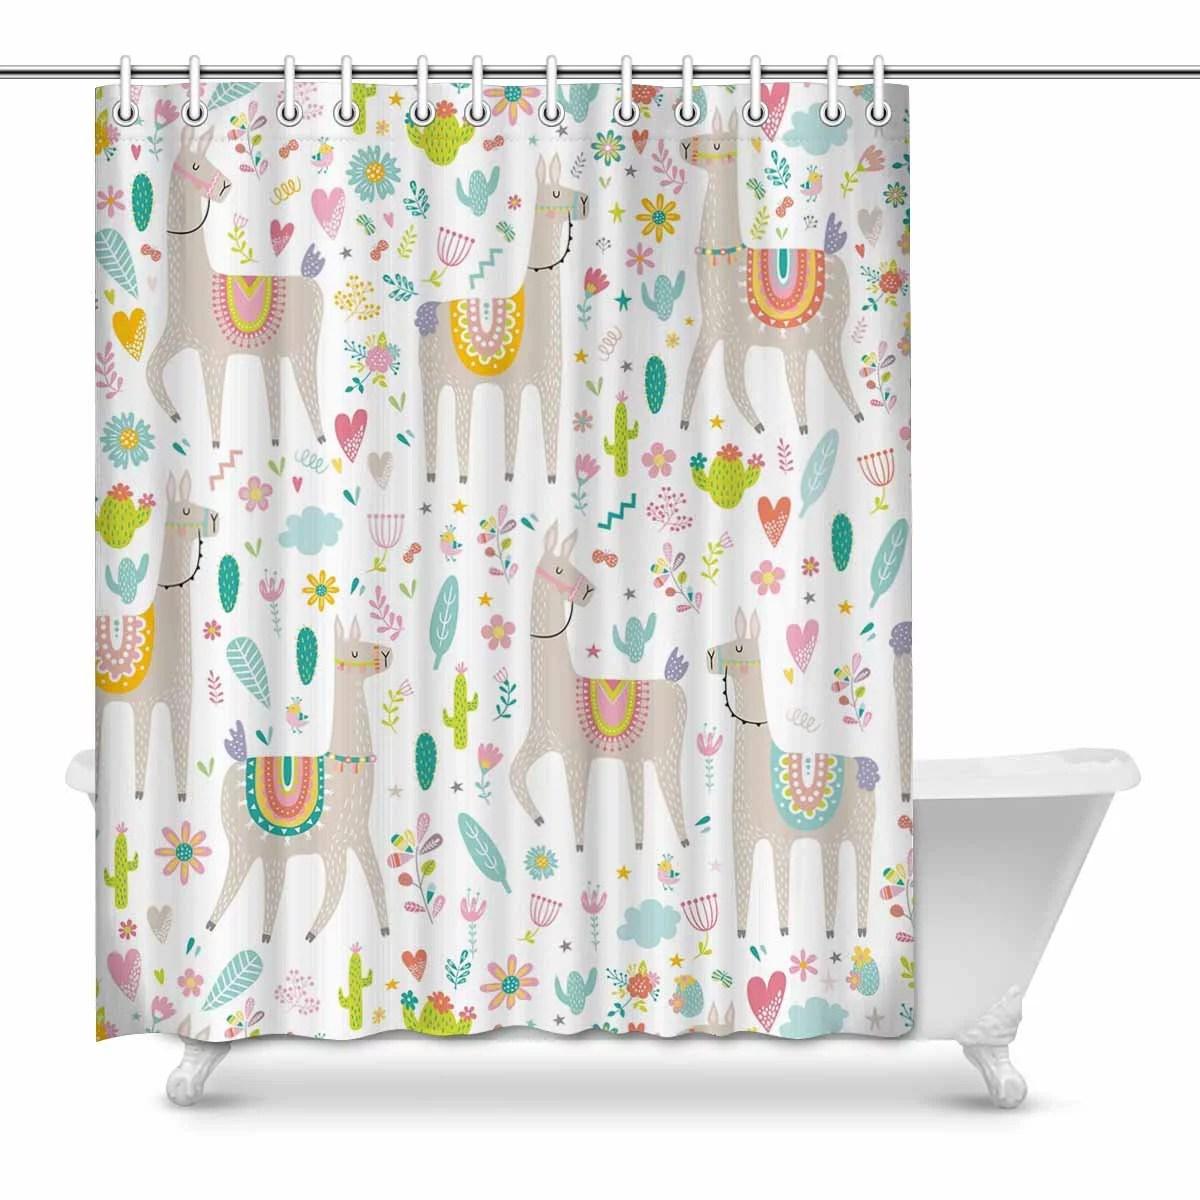 MKHERT Funny Llama Cactus And Flower House Decor Shower Curtain For Bathroom Decorative Bathroom